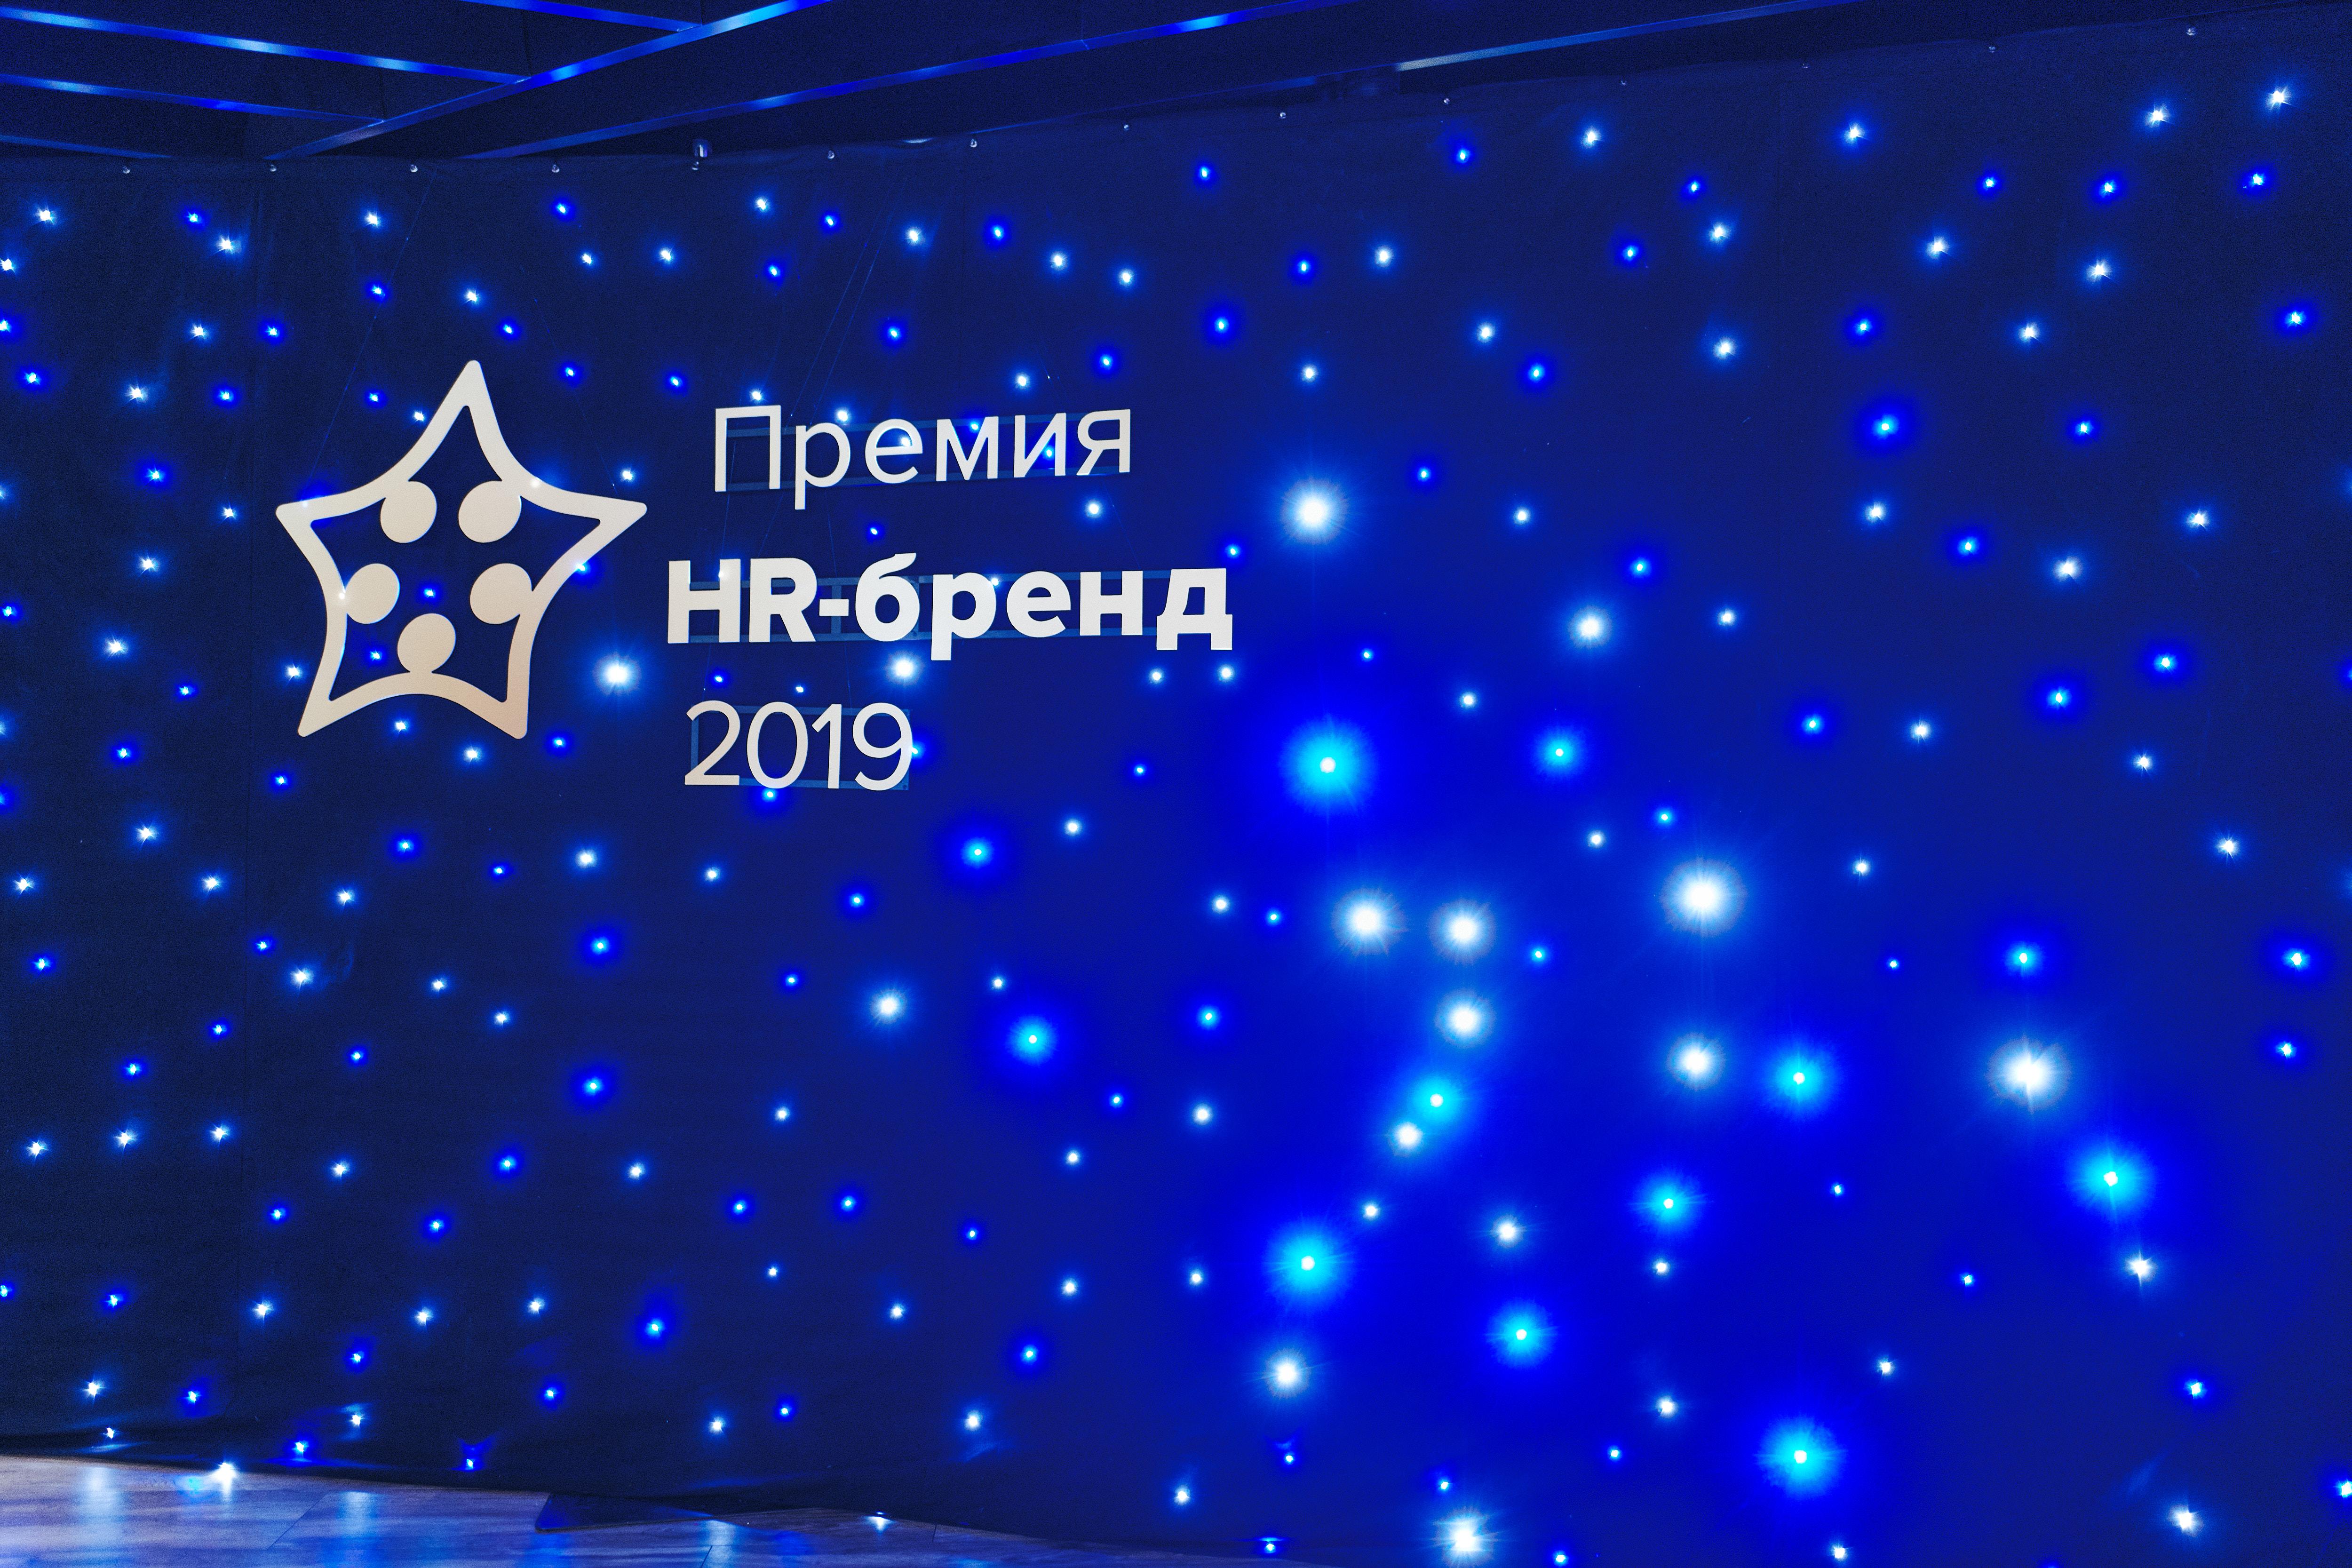 FELETI — номинант «Премия HR-бренд Беларусь 2019».